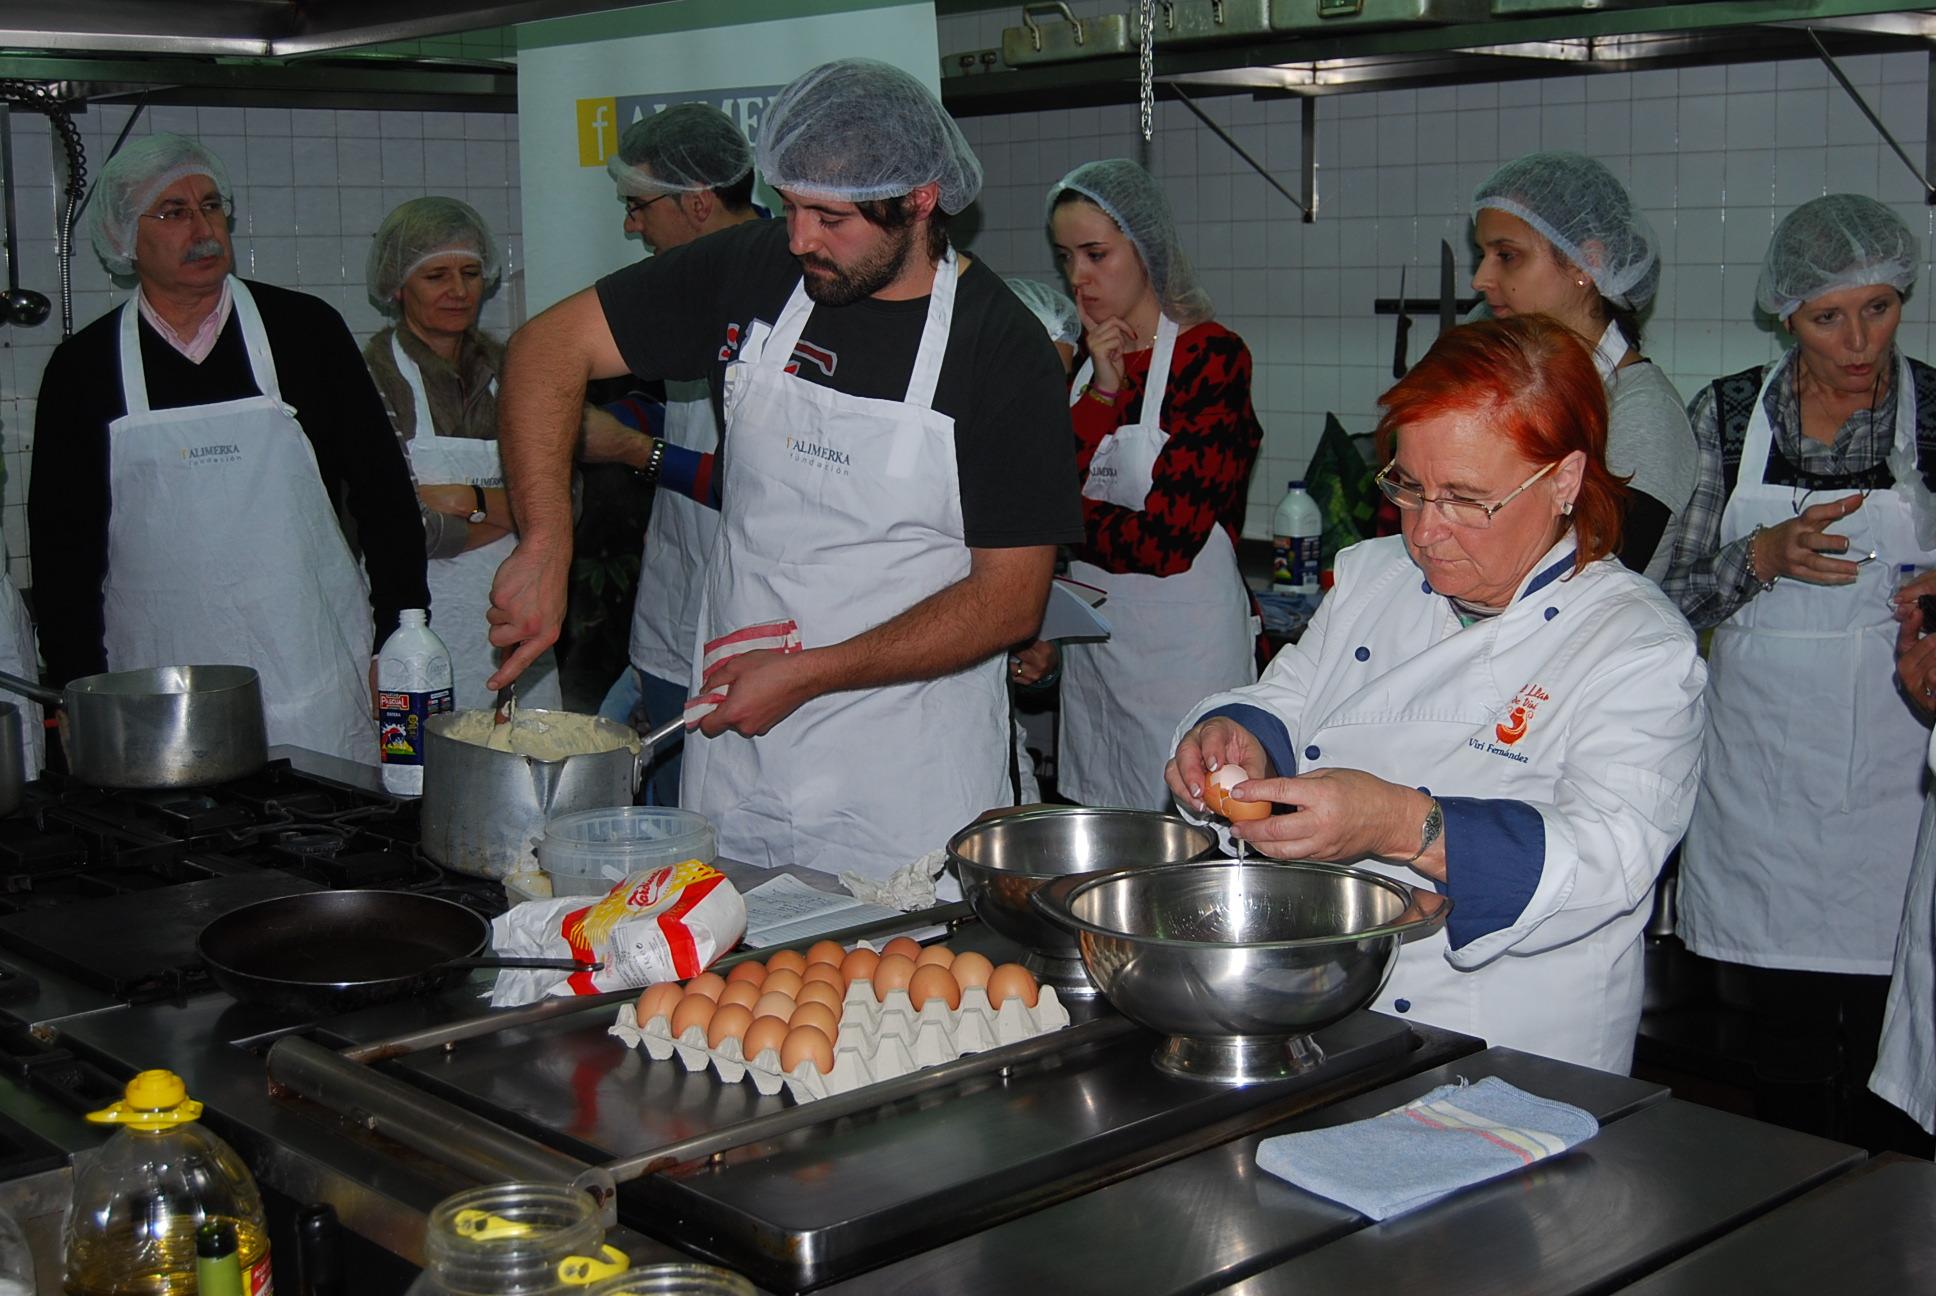 Cocina asturiana 27 de noviembre 064 red espa ola de for Cocina asturiana